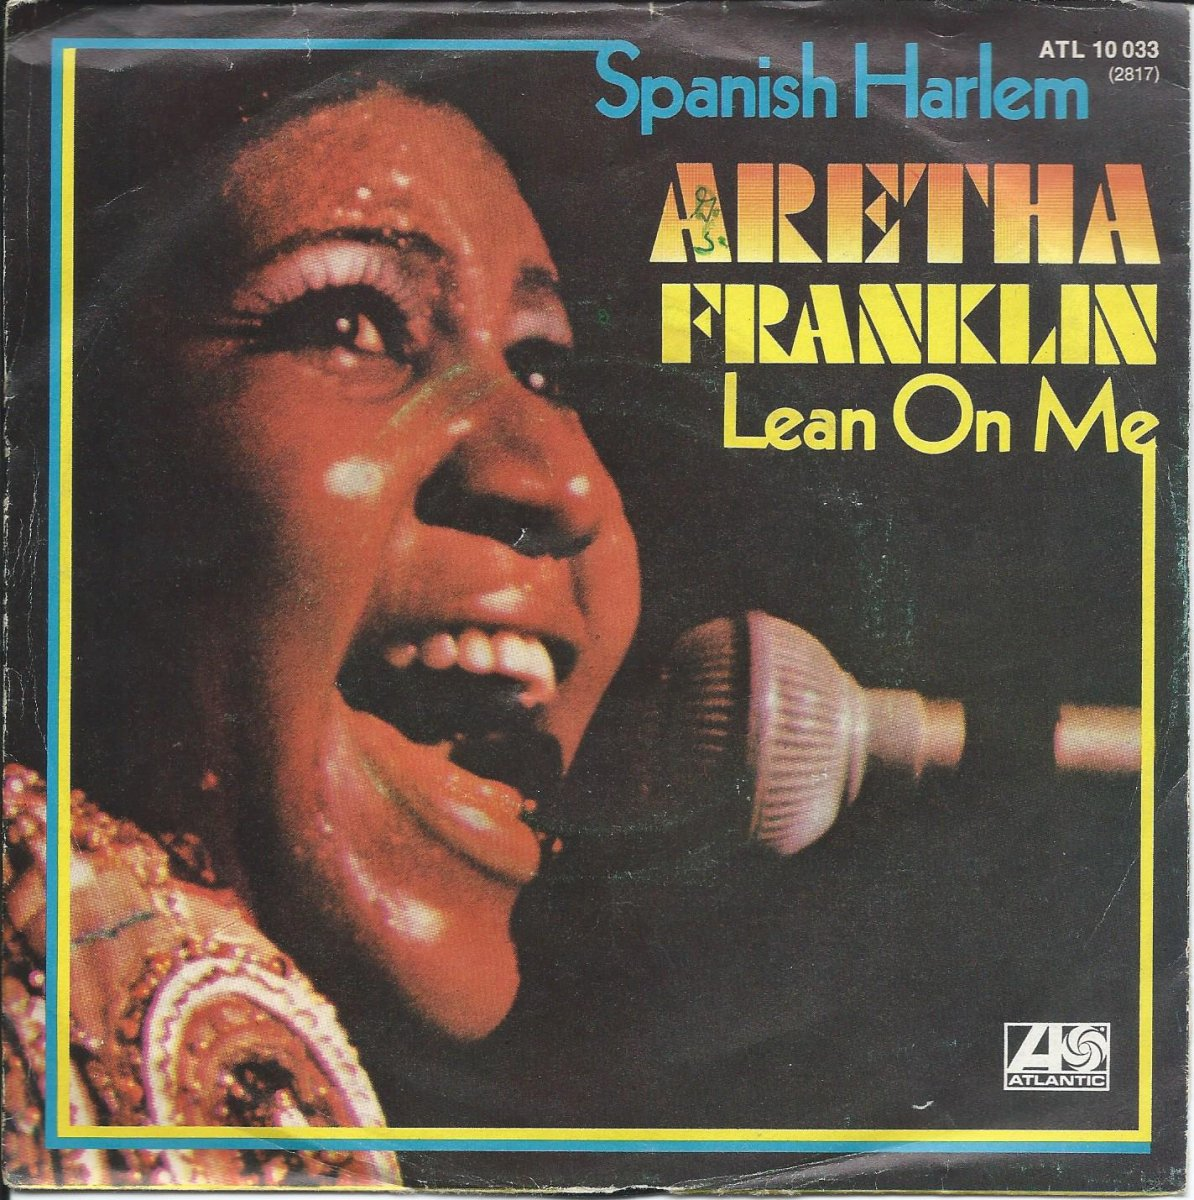 ARETHA FRANKLIN / SPANISH HARLEM / LEAN ON ME (7